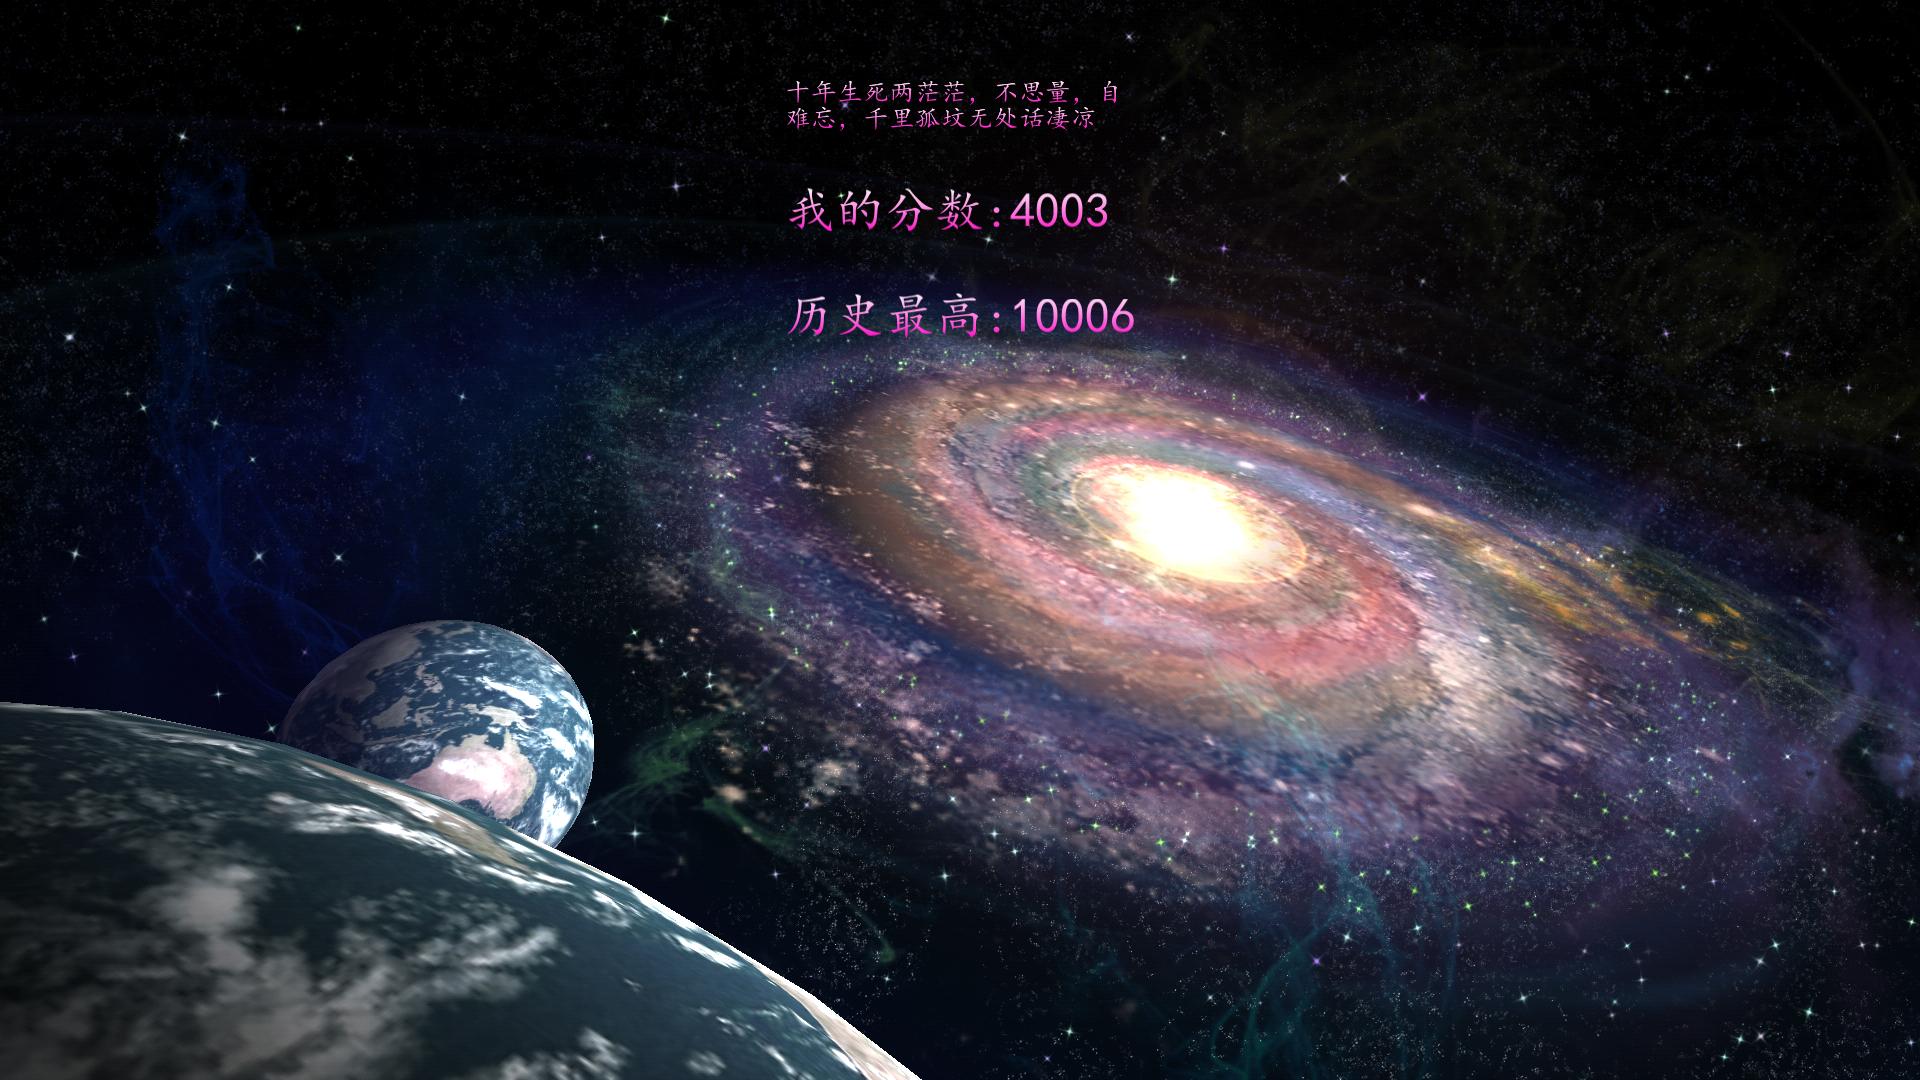 背景 壁纸 皮肤 星空 宇宙 桌面 1920_1080